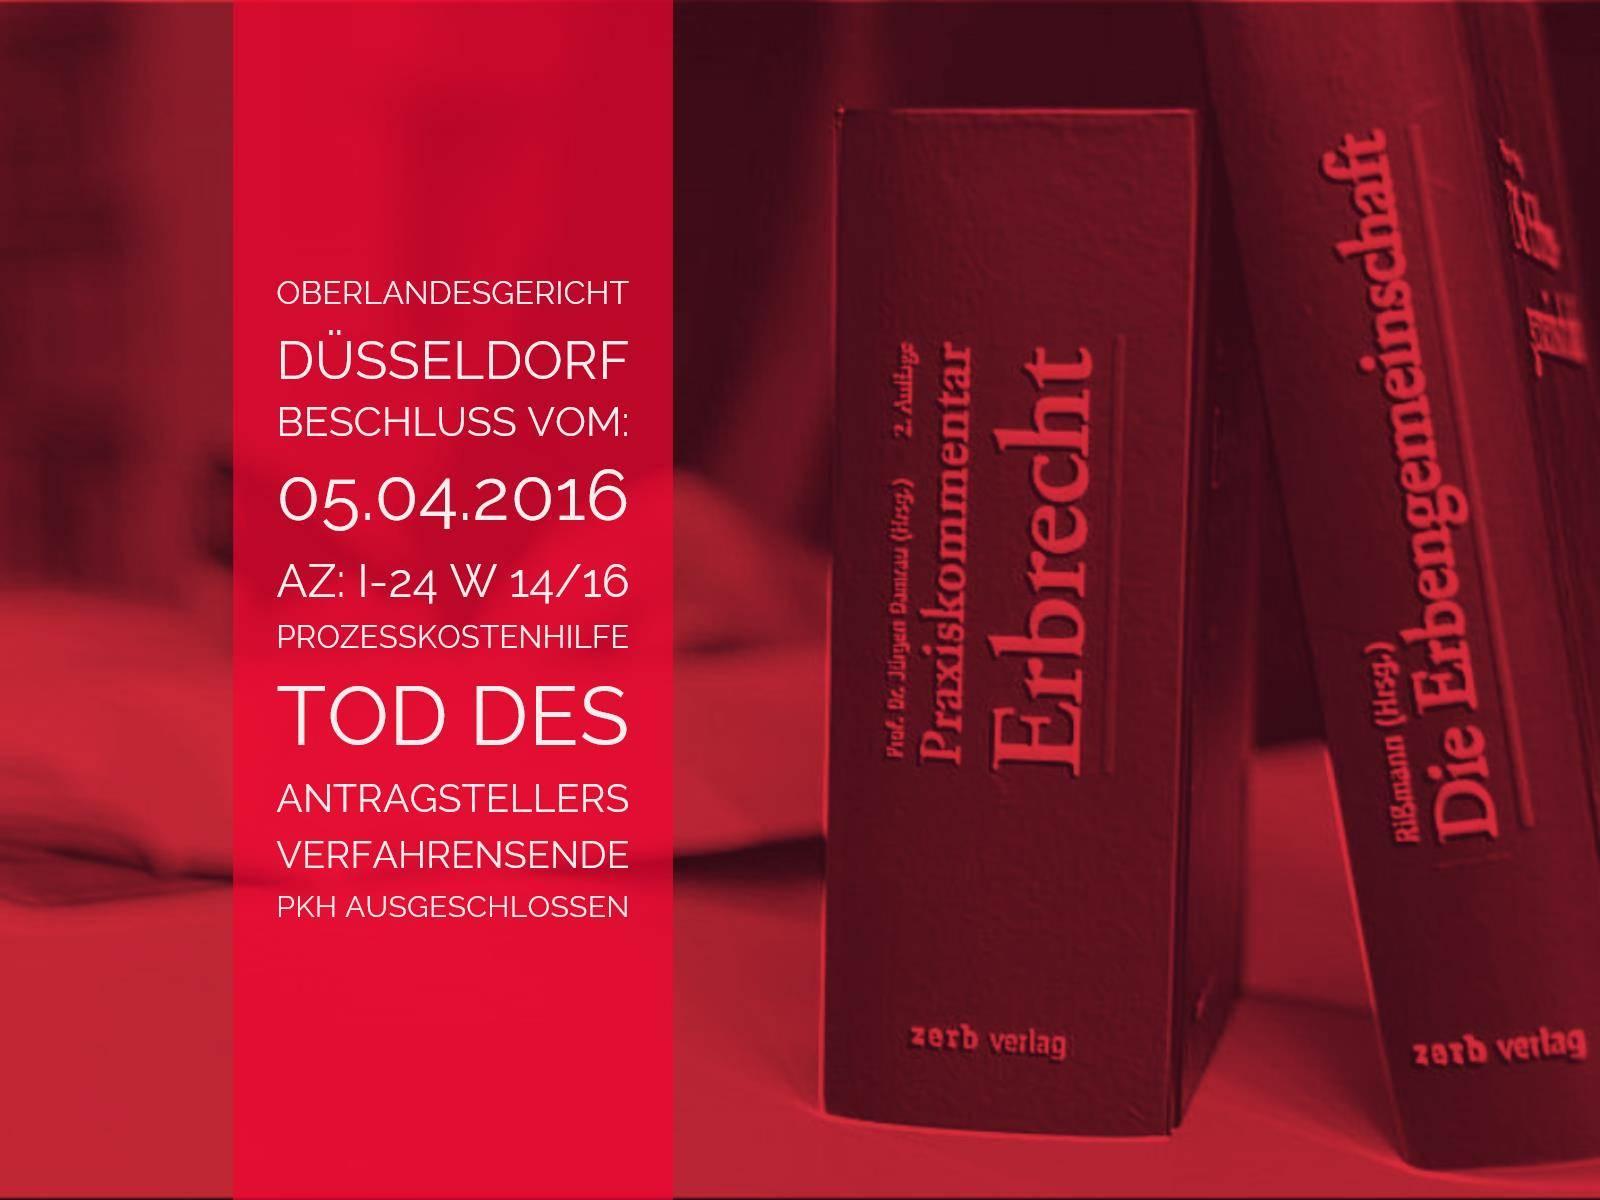 OLG Düsseldorf: Beschluss vom 05.04.2016 - Az I-24 W 14-16 - Anwalt Erbrecht Köln | Prozesskostenhilfe für verstorbenen Antragsteller - Mit dem Tod des Antragstellers im PKH-Verfahren endet das Prozesskostenhilfeverfahren